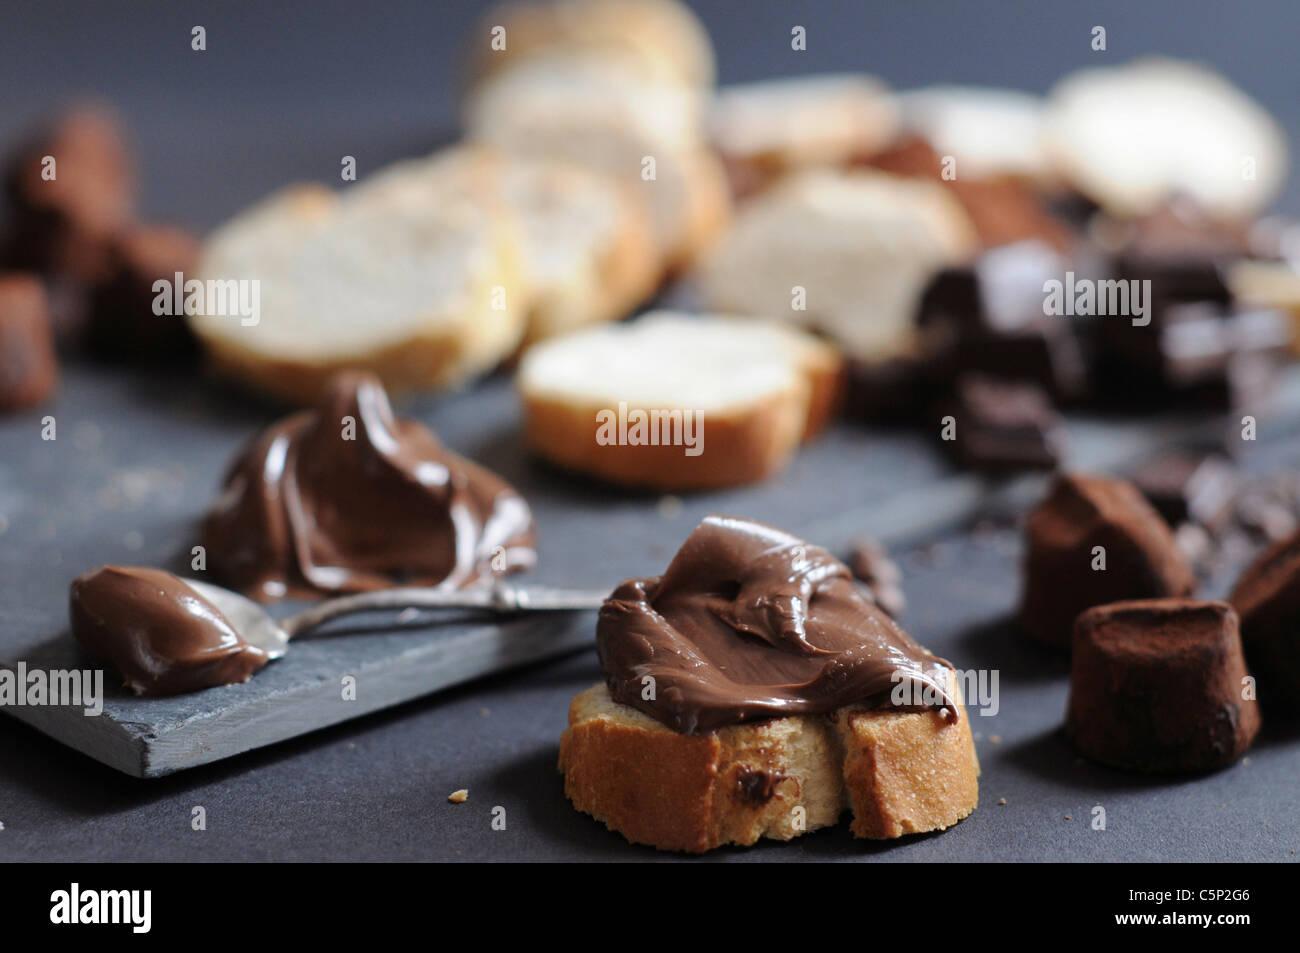 Fette di baguette con crema di cioccolato, pezzetti di cioccolato e tartufi, polvere cokoa Immagini Stock